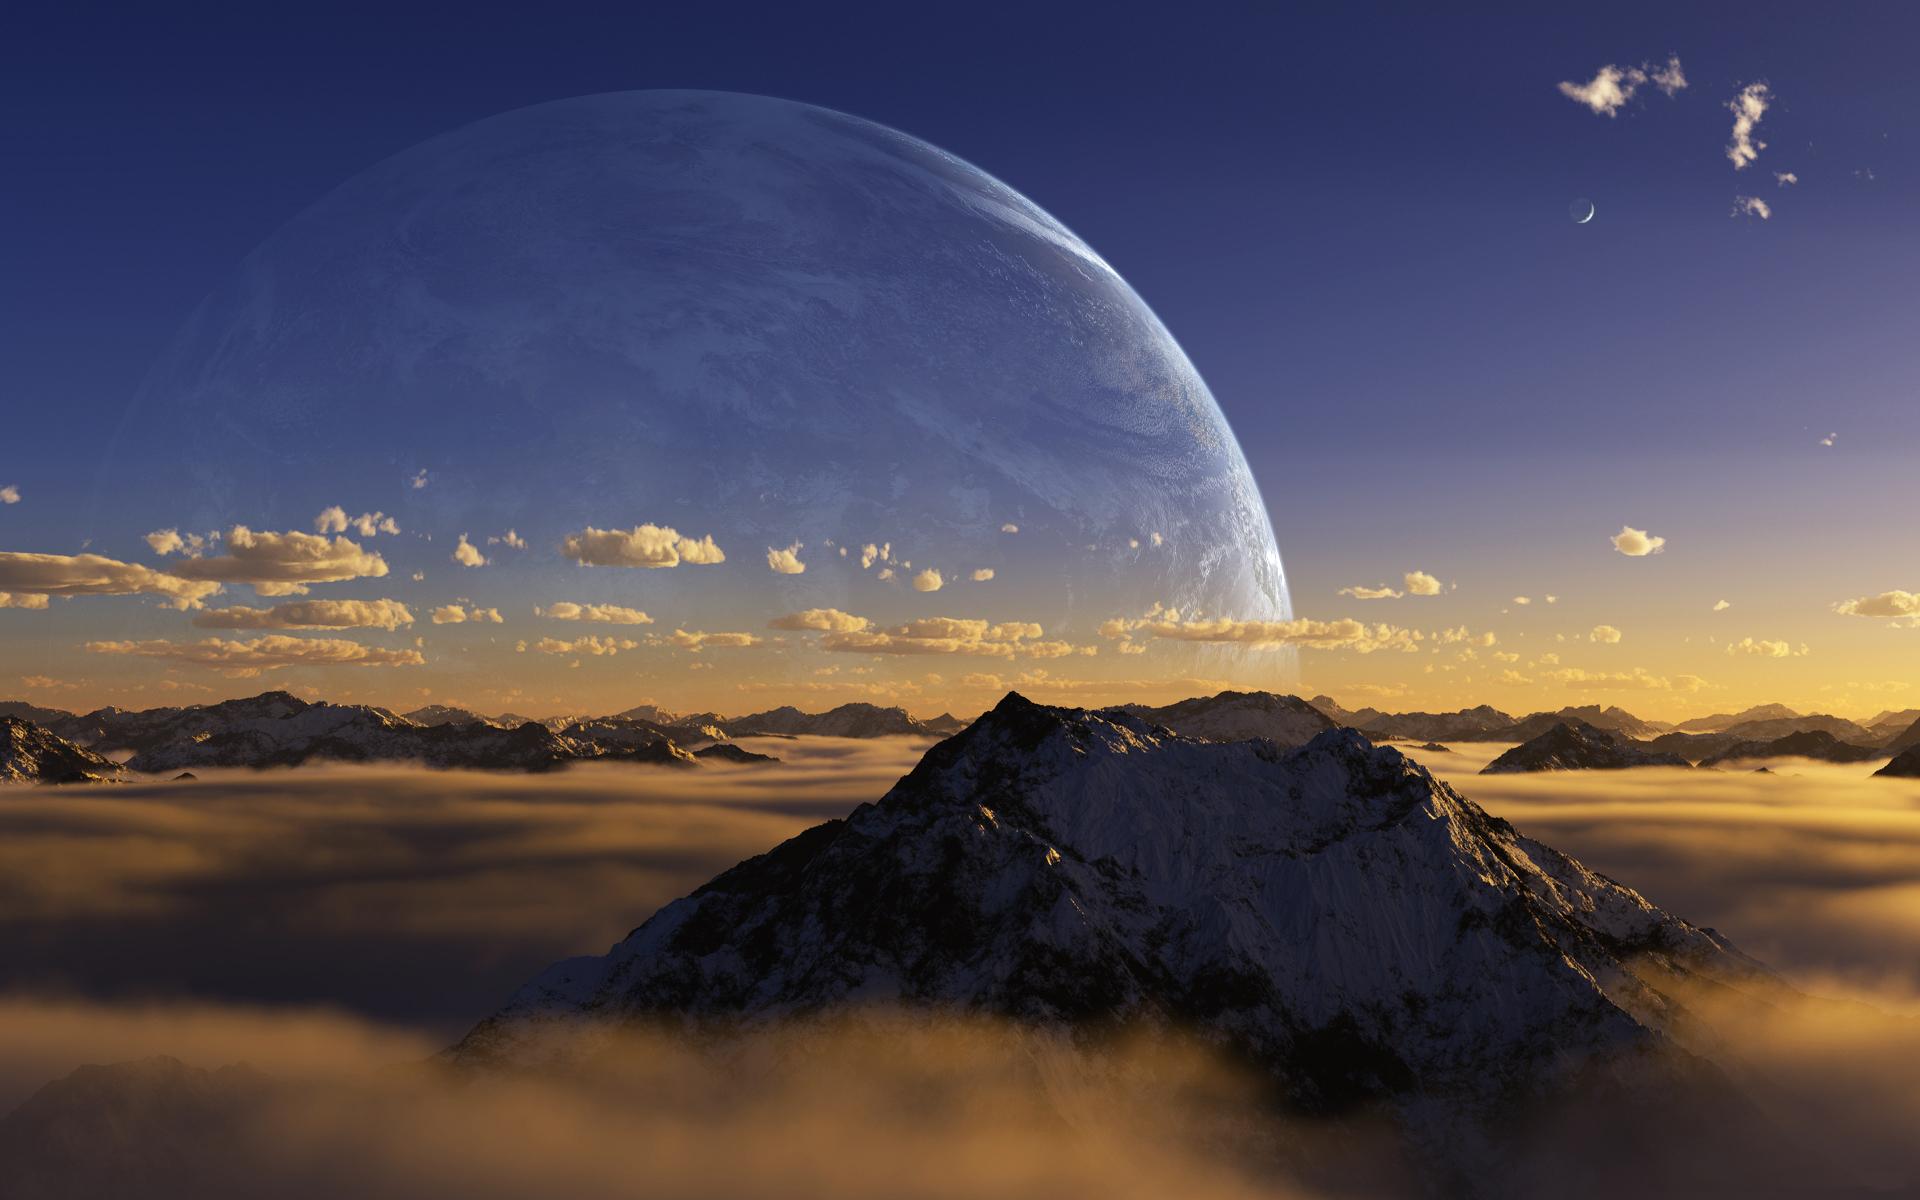 Планеты над горами  № 1163975 бесплатно